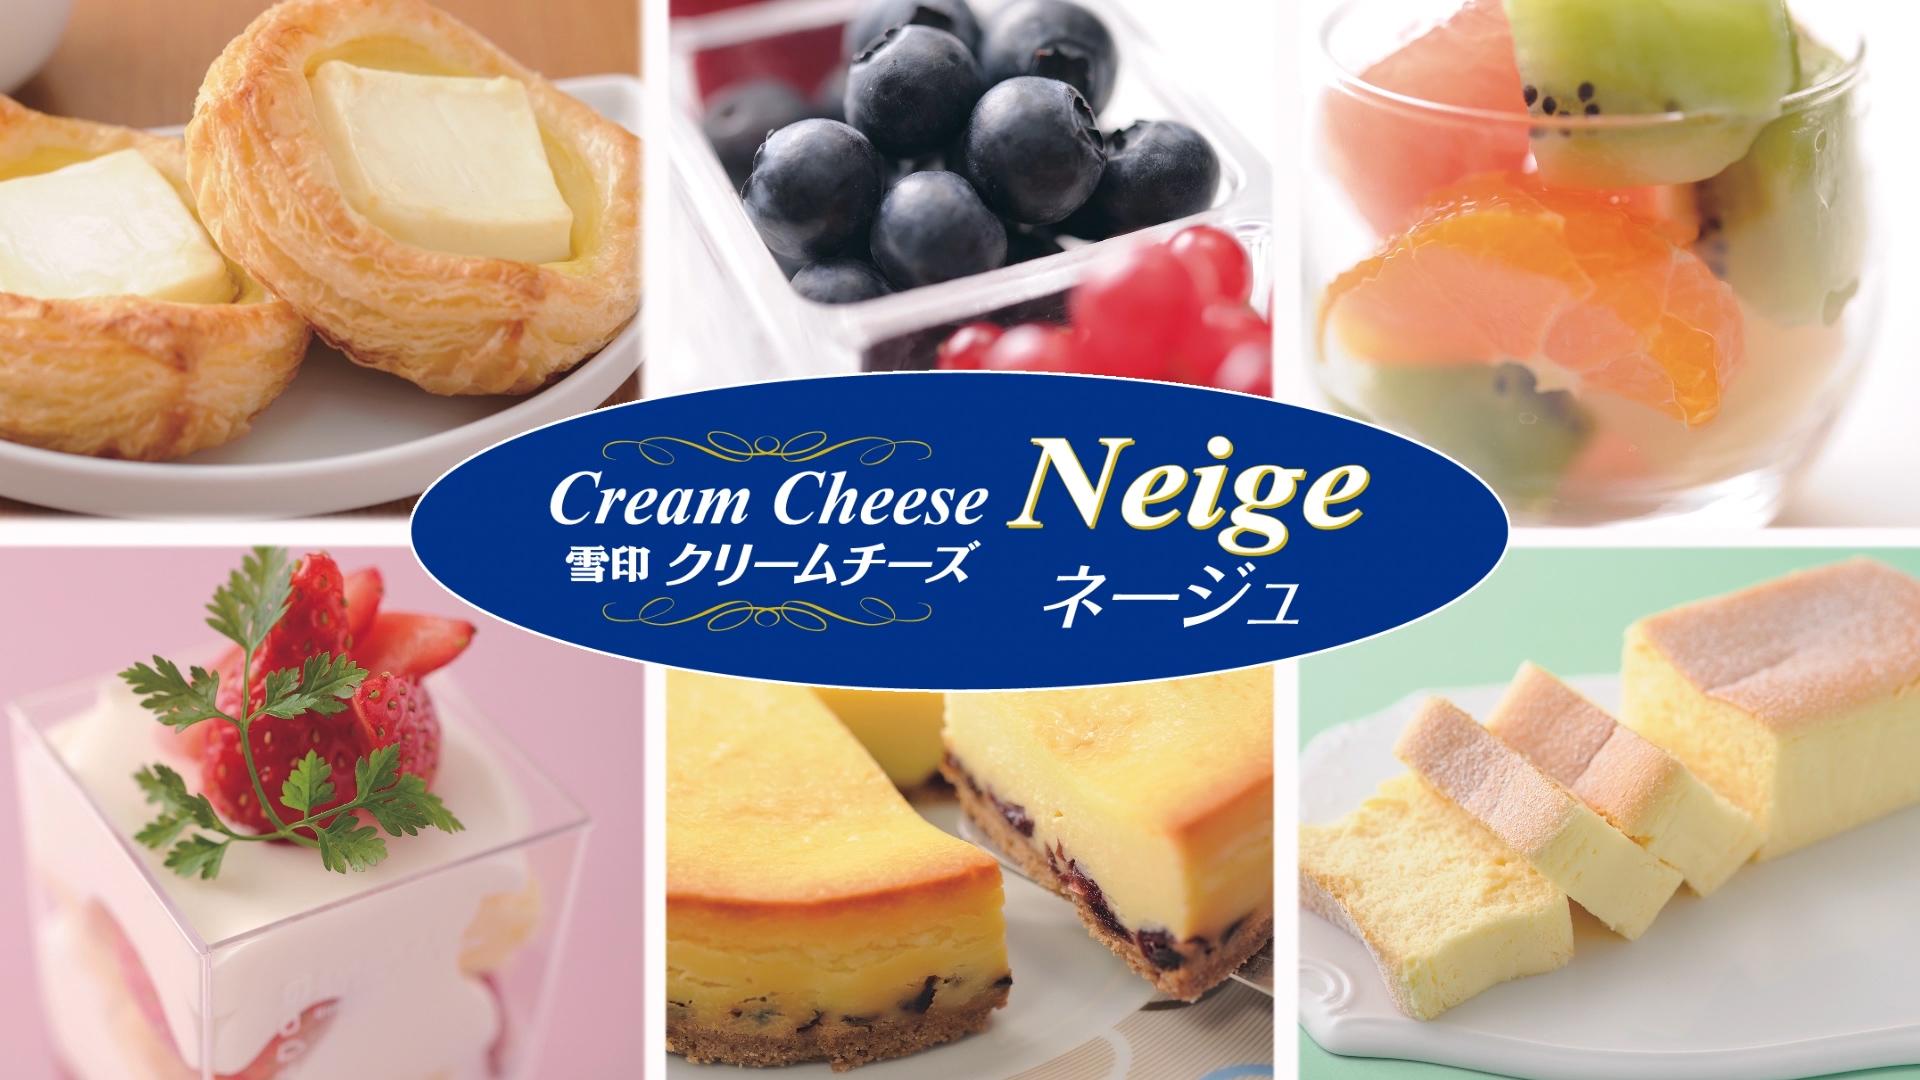 雪印クリームチーズ Neige